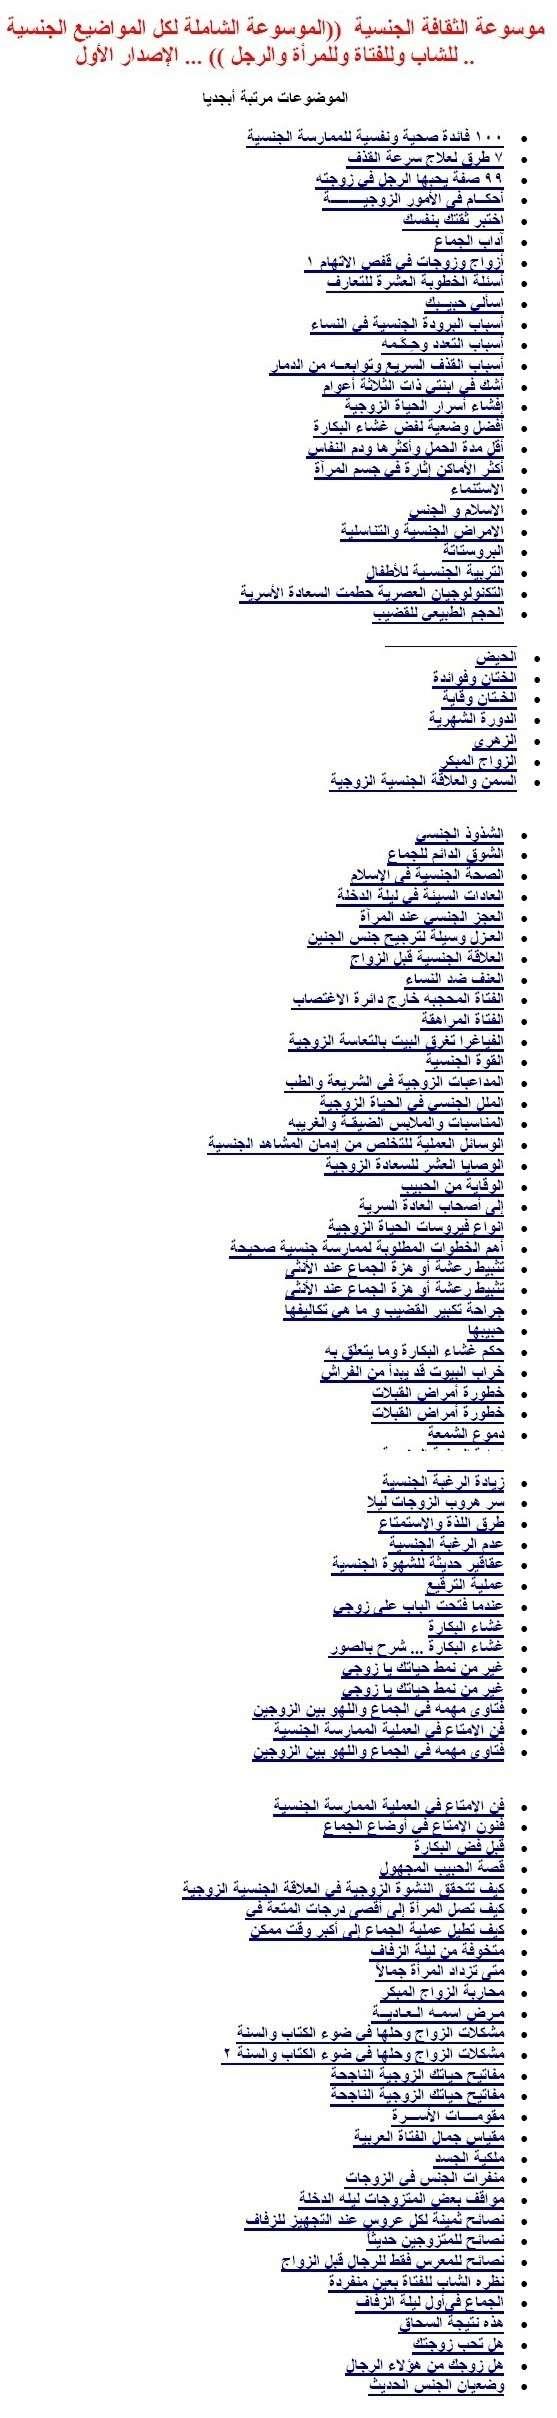 كتاب موسوعة الثقافة الجنسية على الشريعة الاسلامية pdf Untitl55